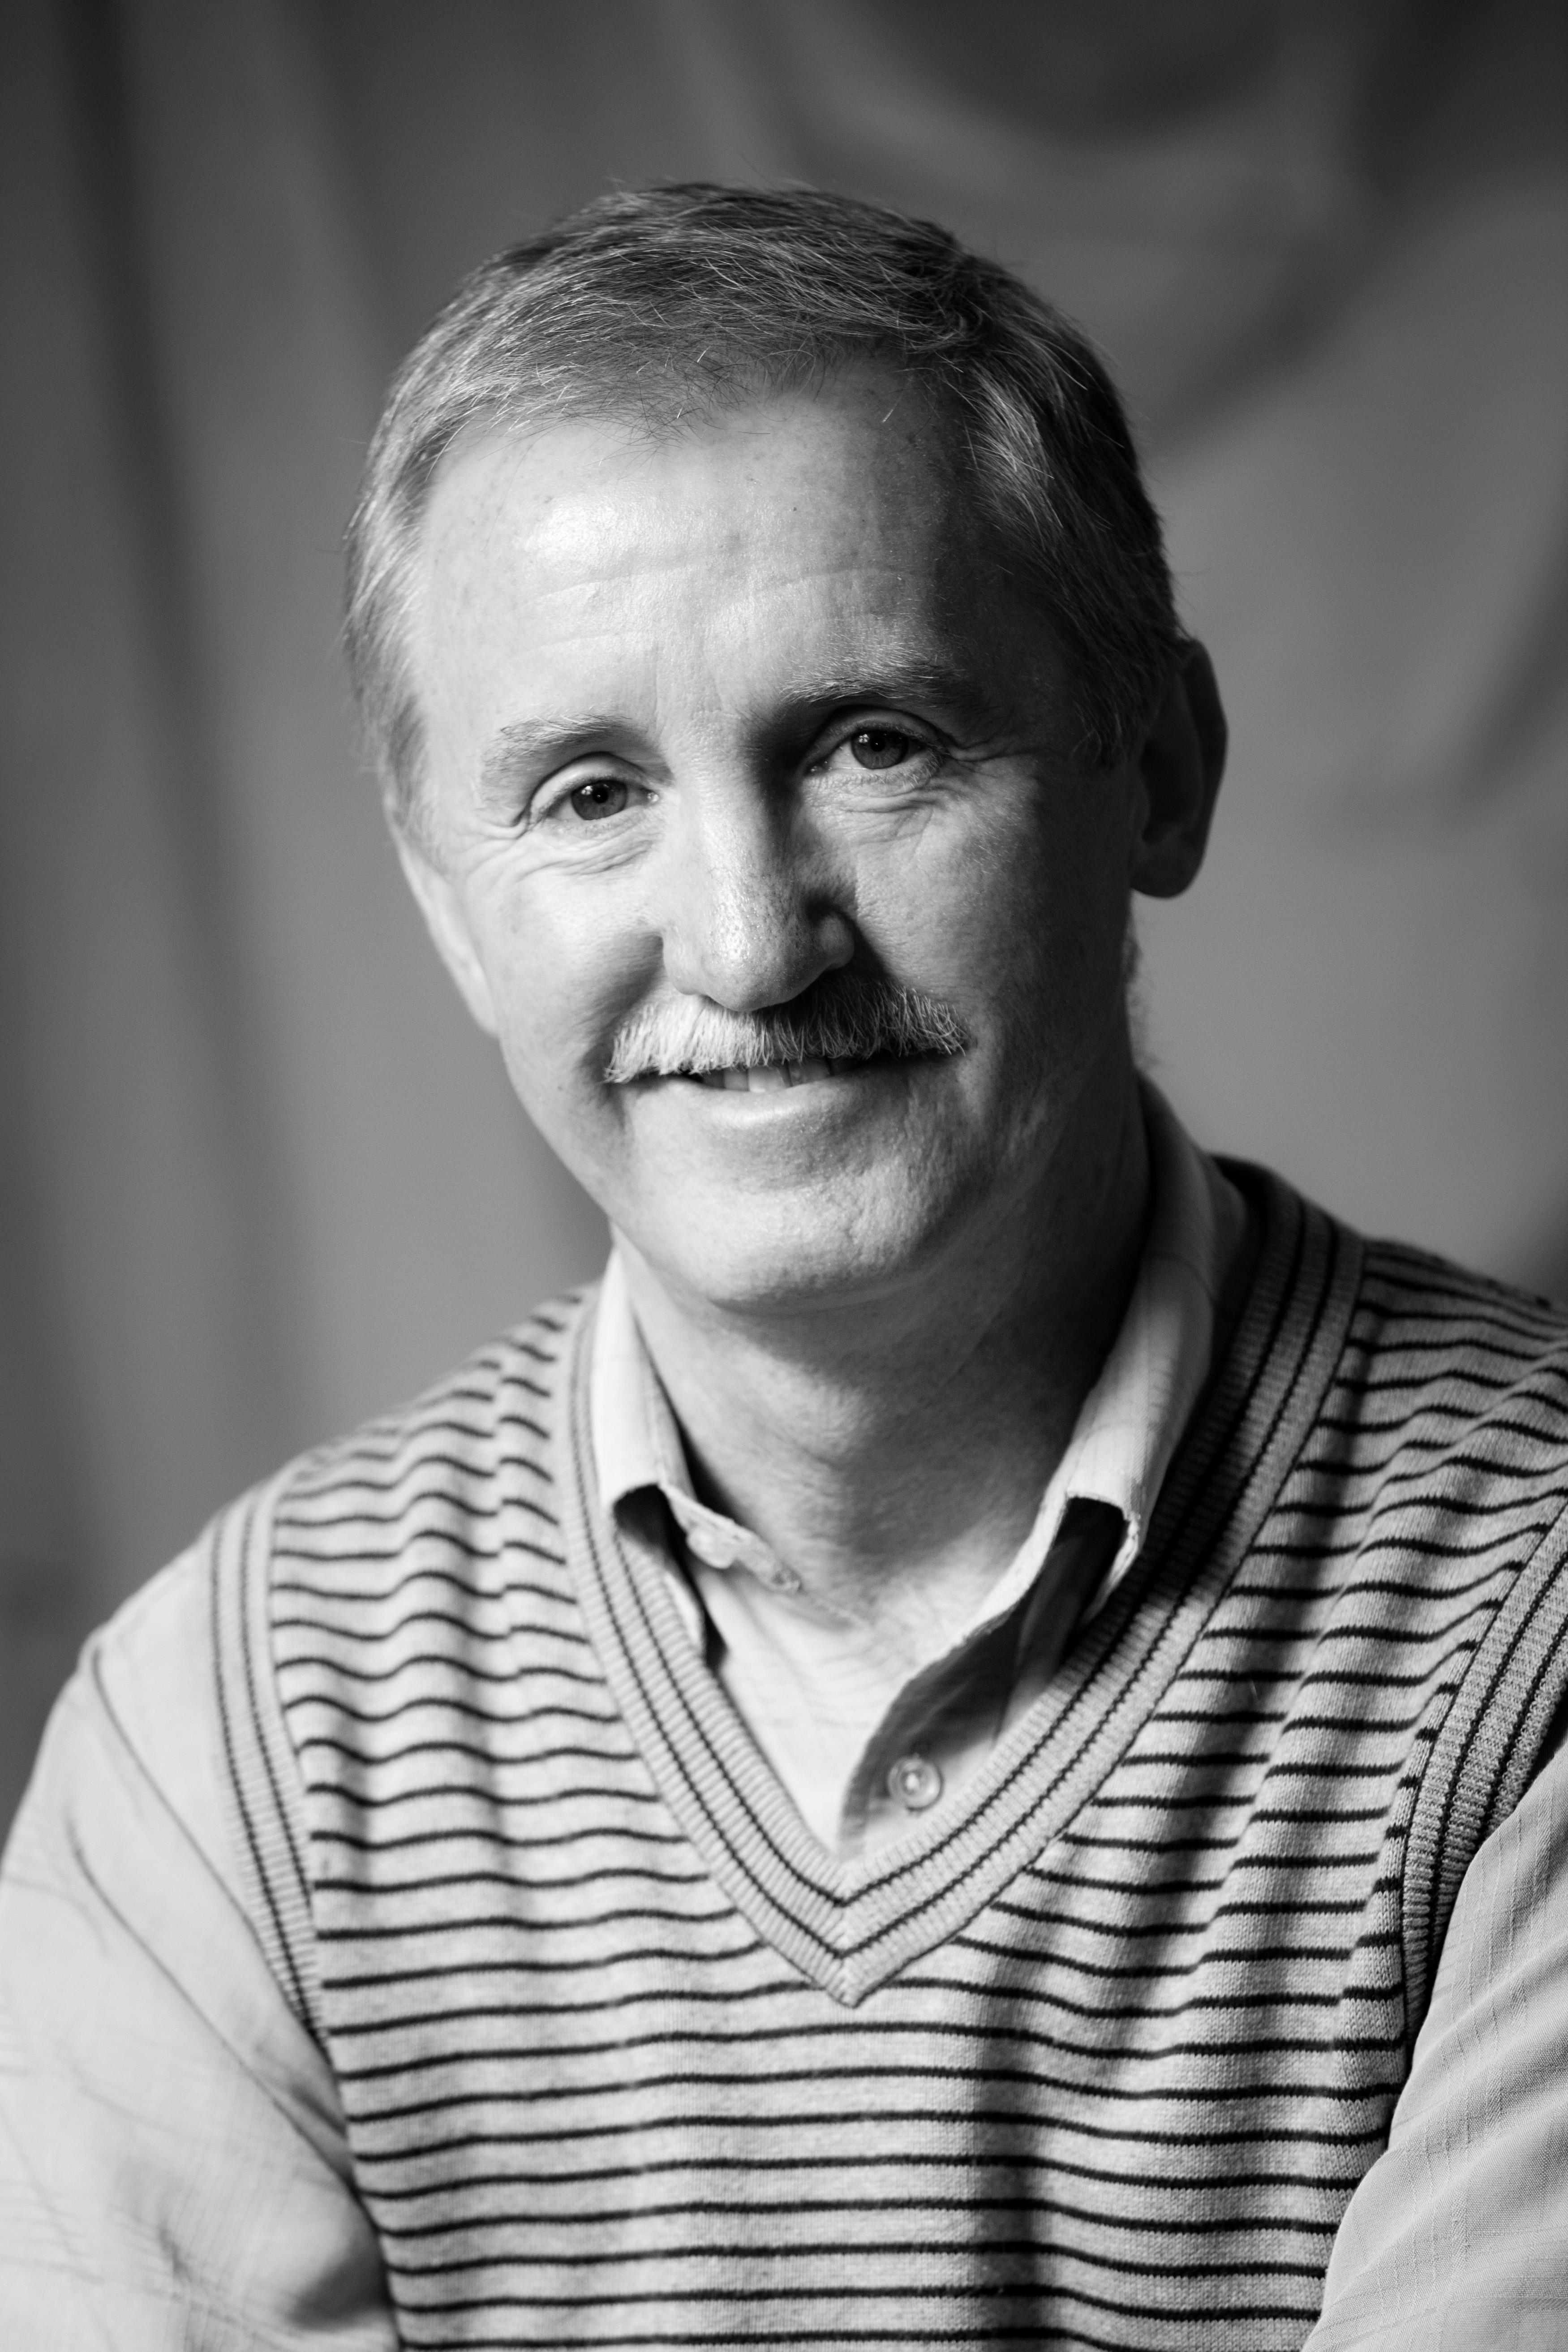 Kevin O'Loghlin